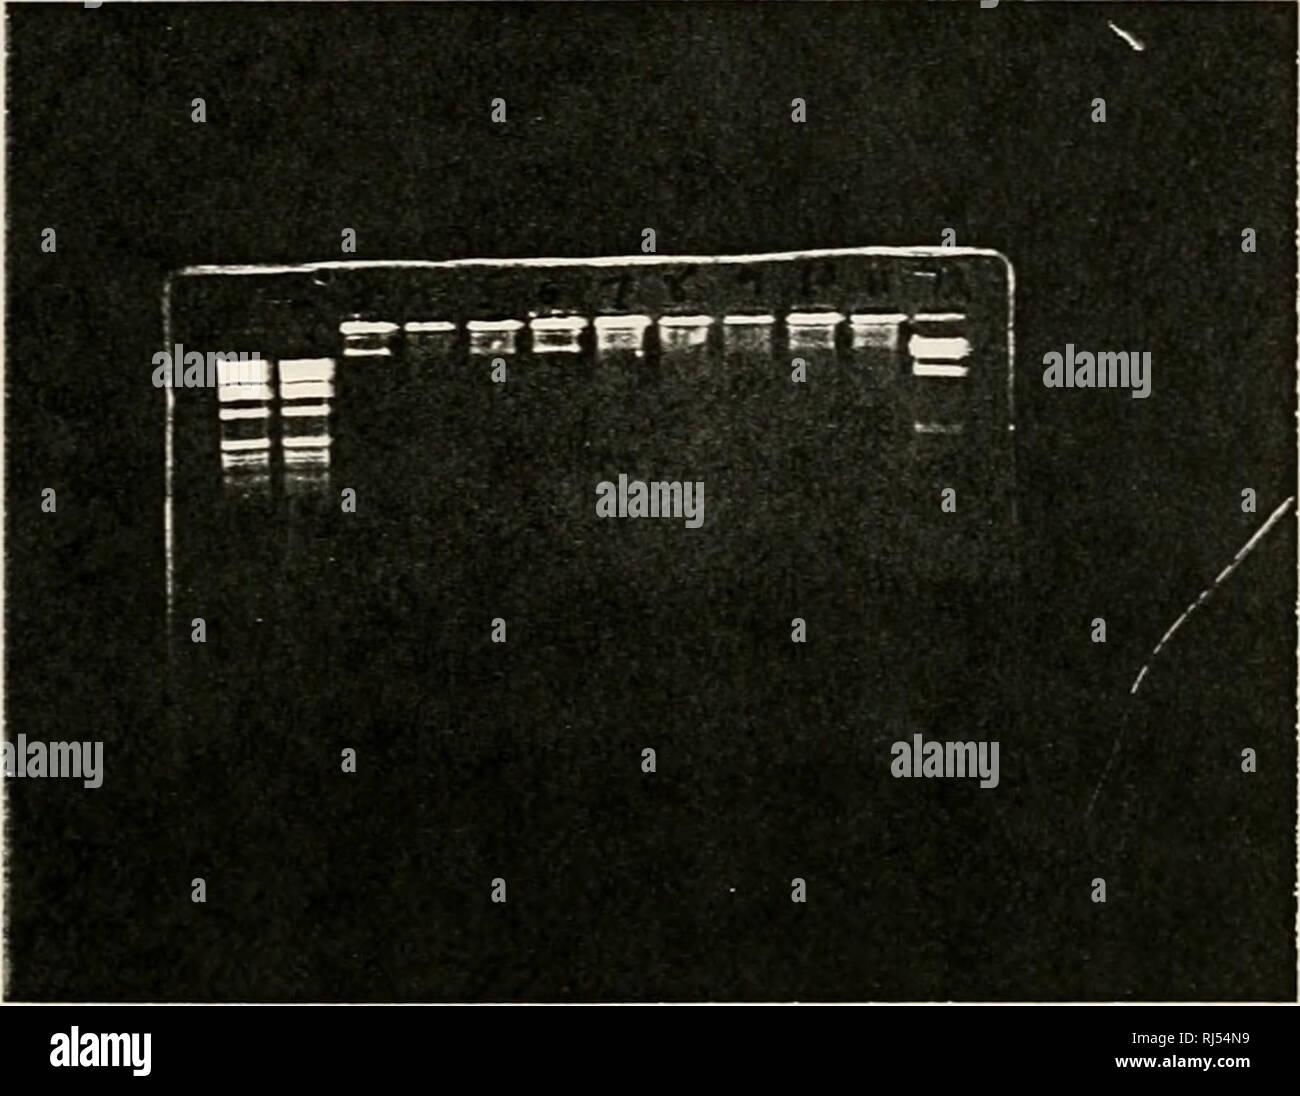 Chromosom Zuordnung von menschlichen Genen. Genome Project ... on